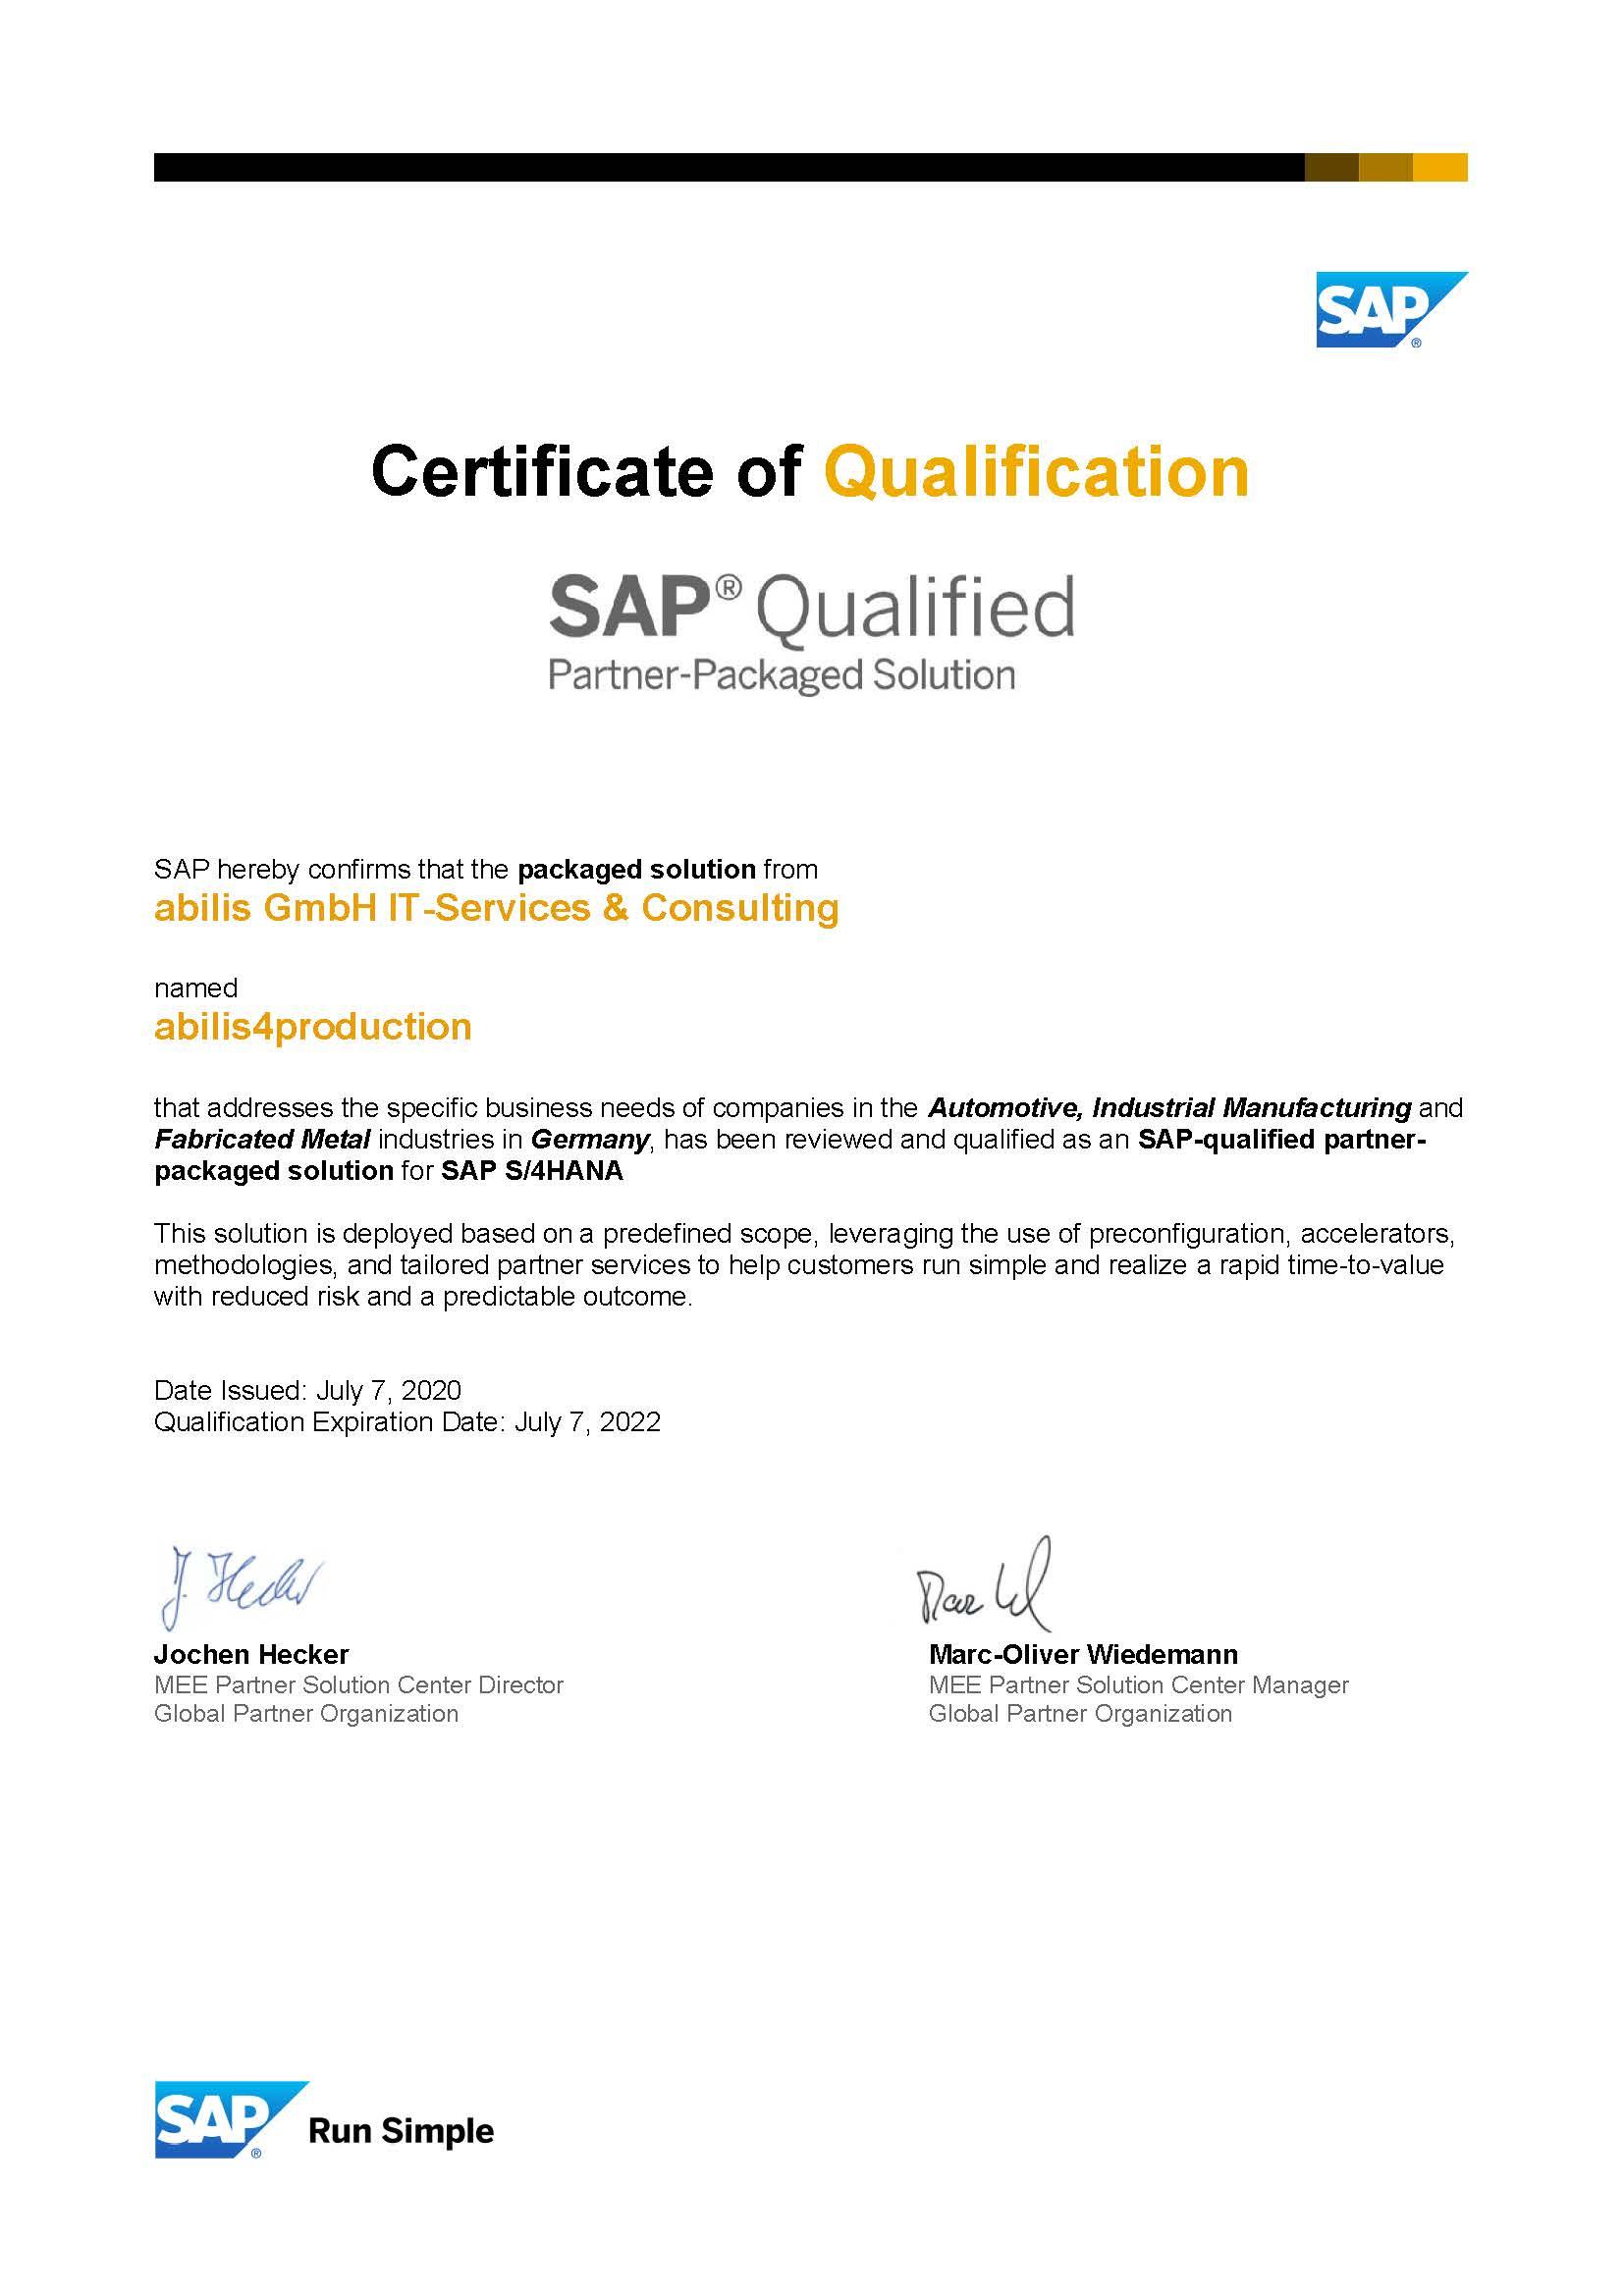 Zertifikat S/4HANA Branchenlösung abilis4production